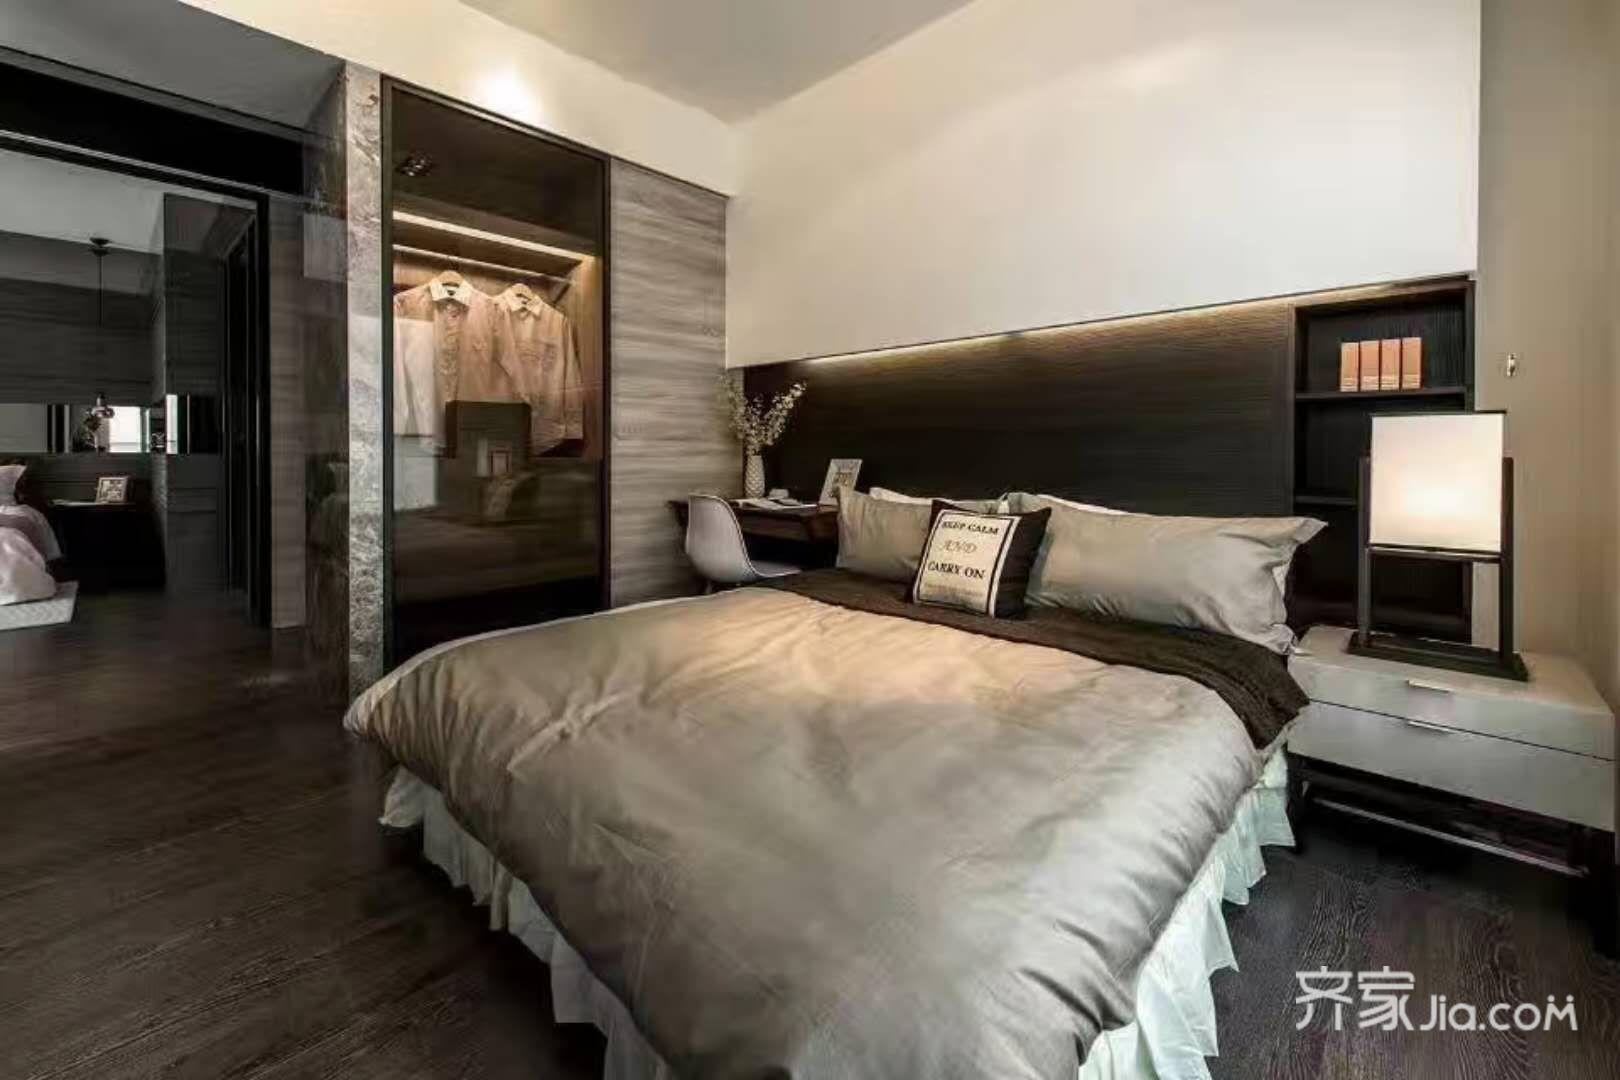 背景墙 房间 家居 酒店 设计 卧室 卧室装修 现代 装修 1620_1080图片